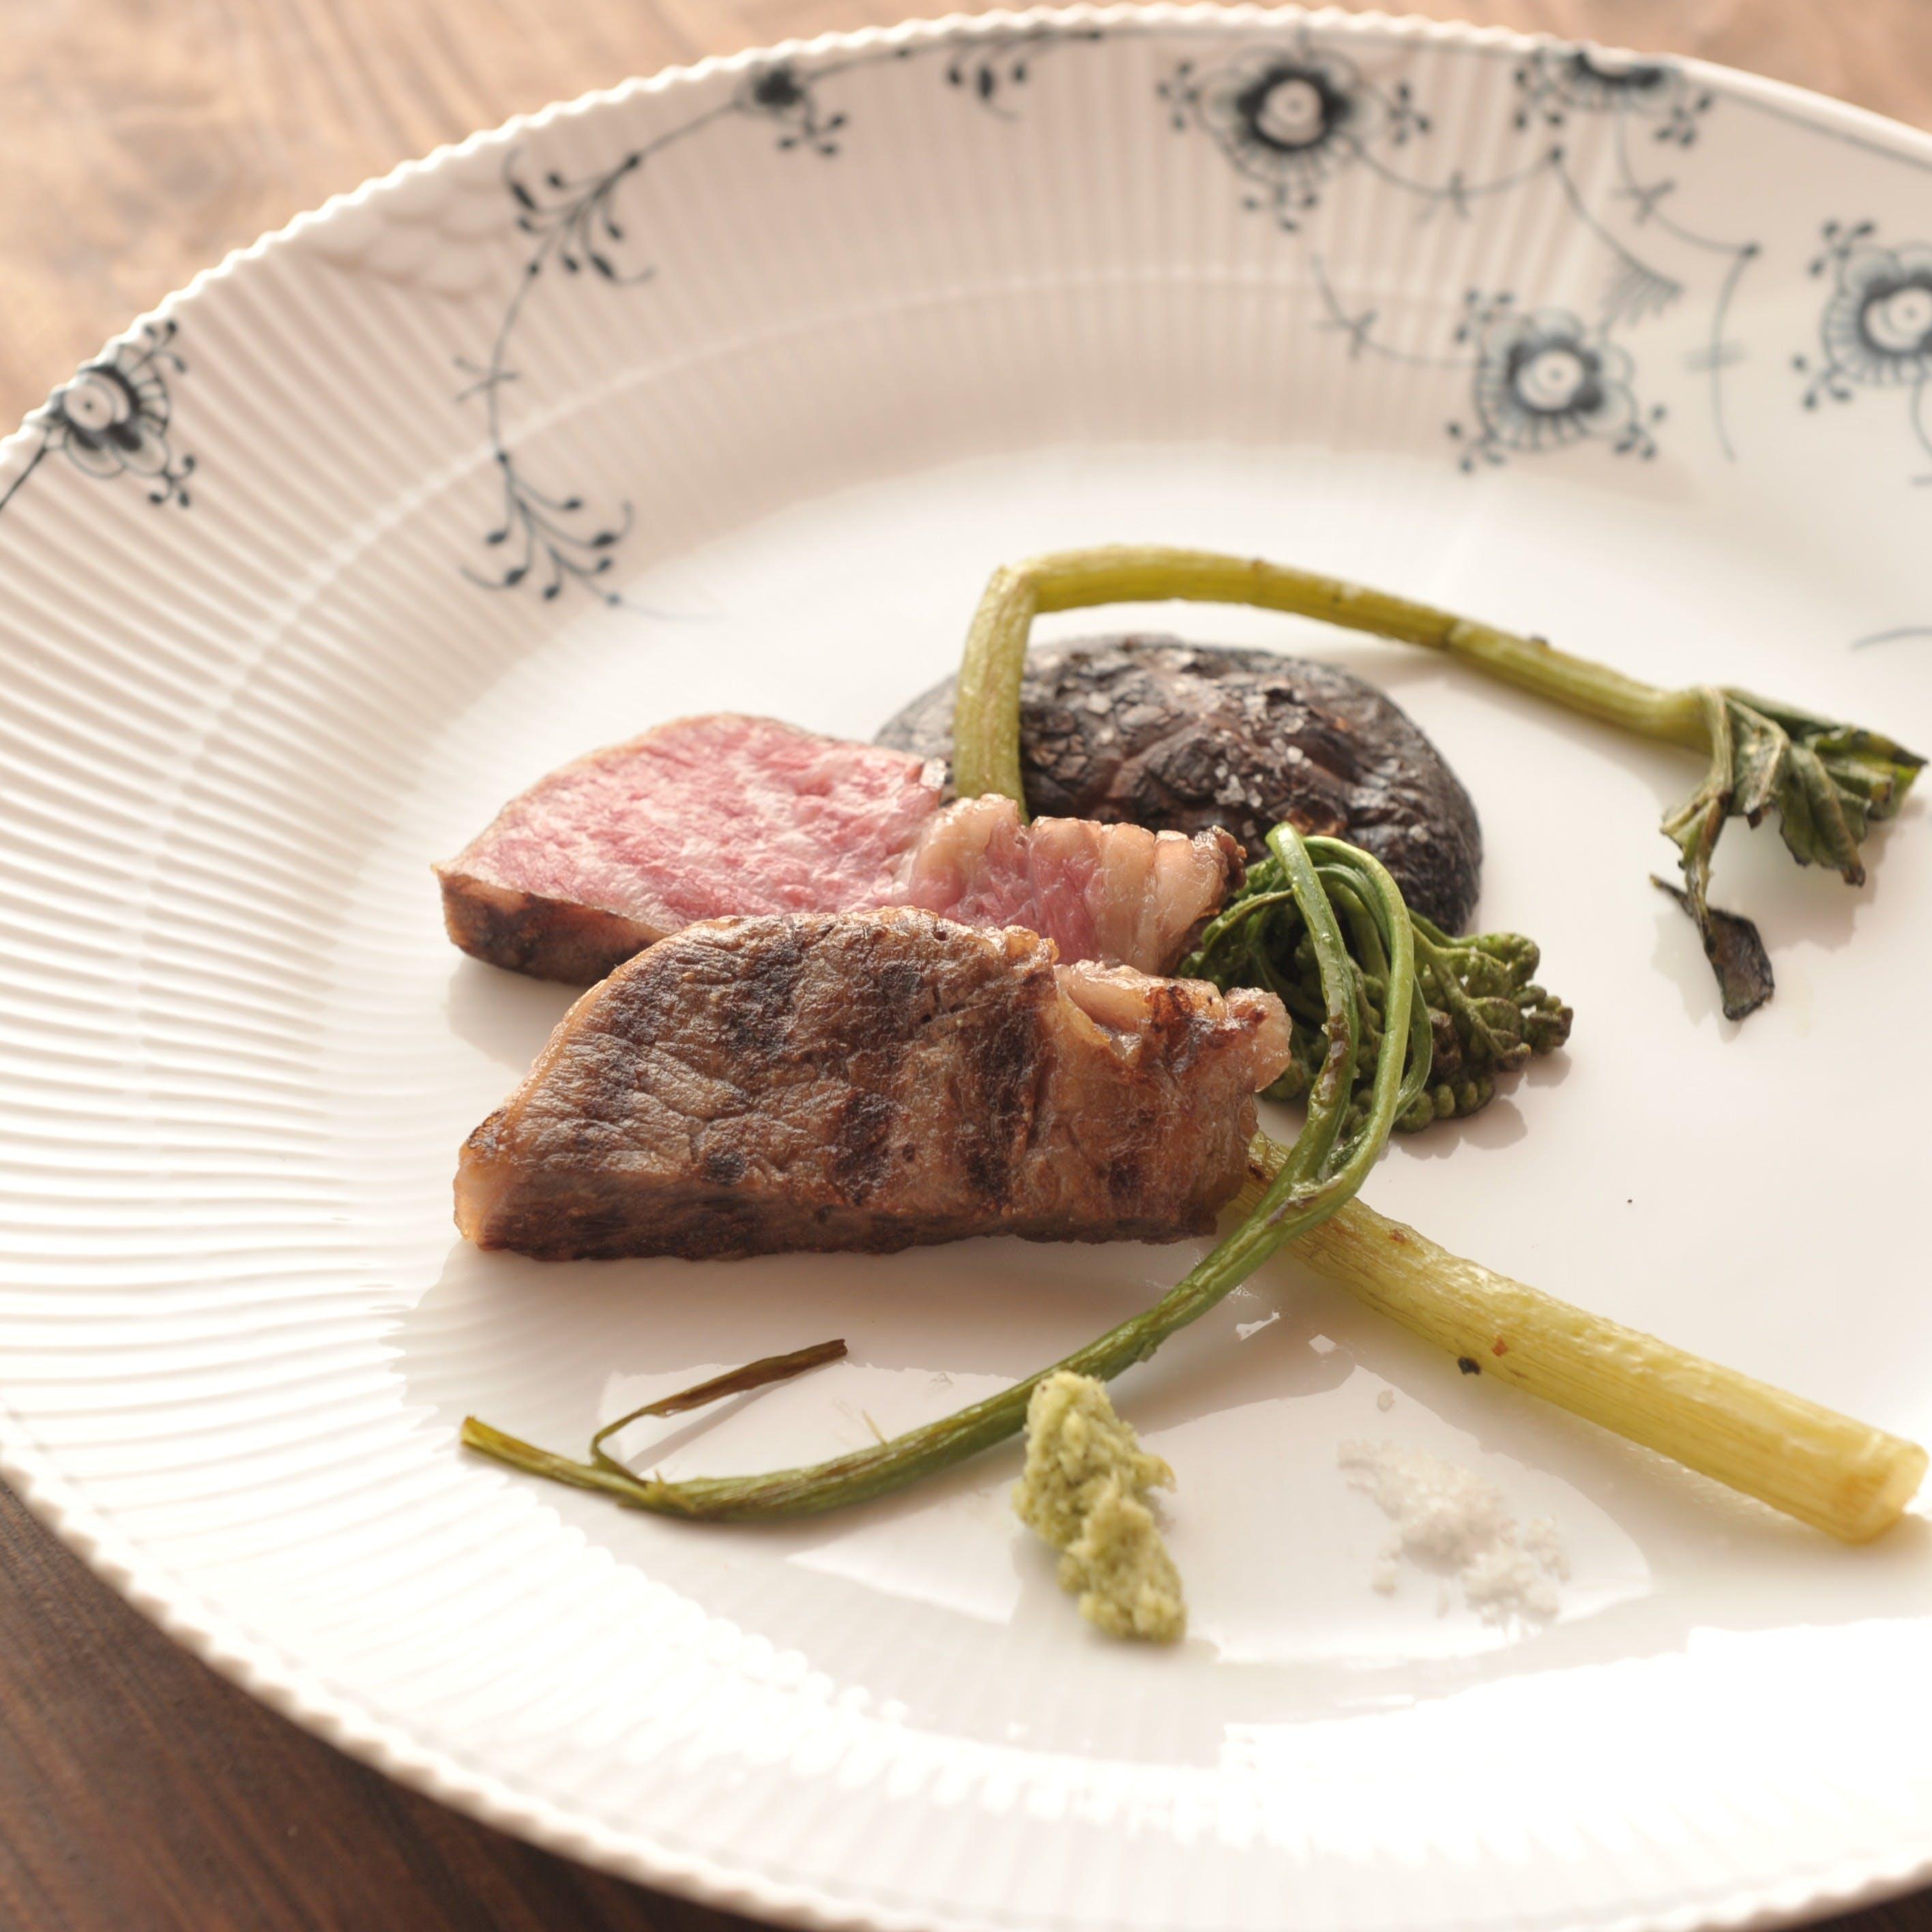 春夏秋冬、季節を感じる伊豆の豊富な食材から、軽やかで香り高い洗練イタリア料理